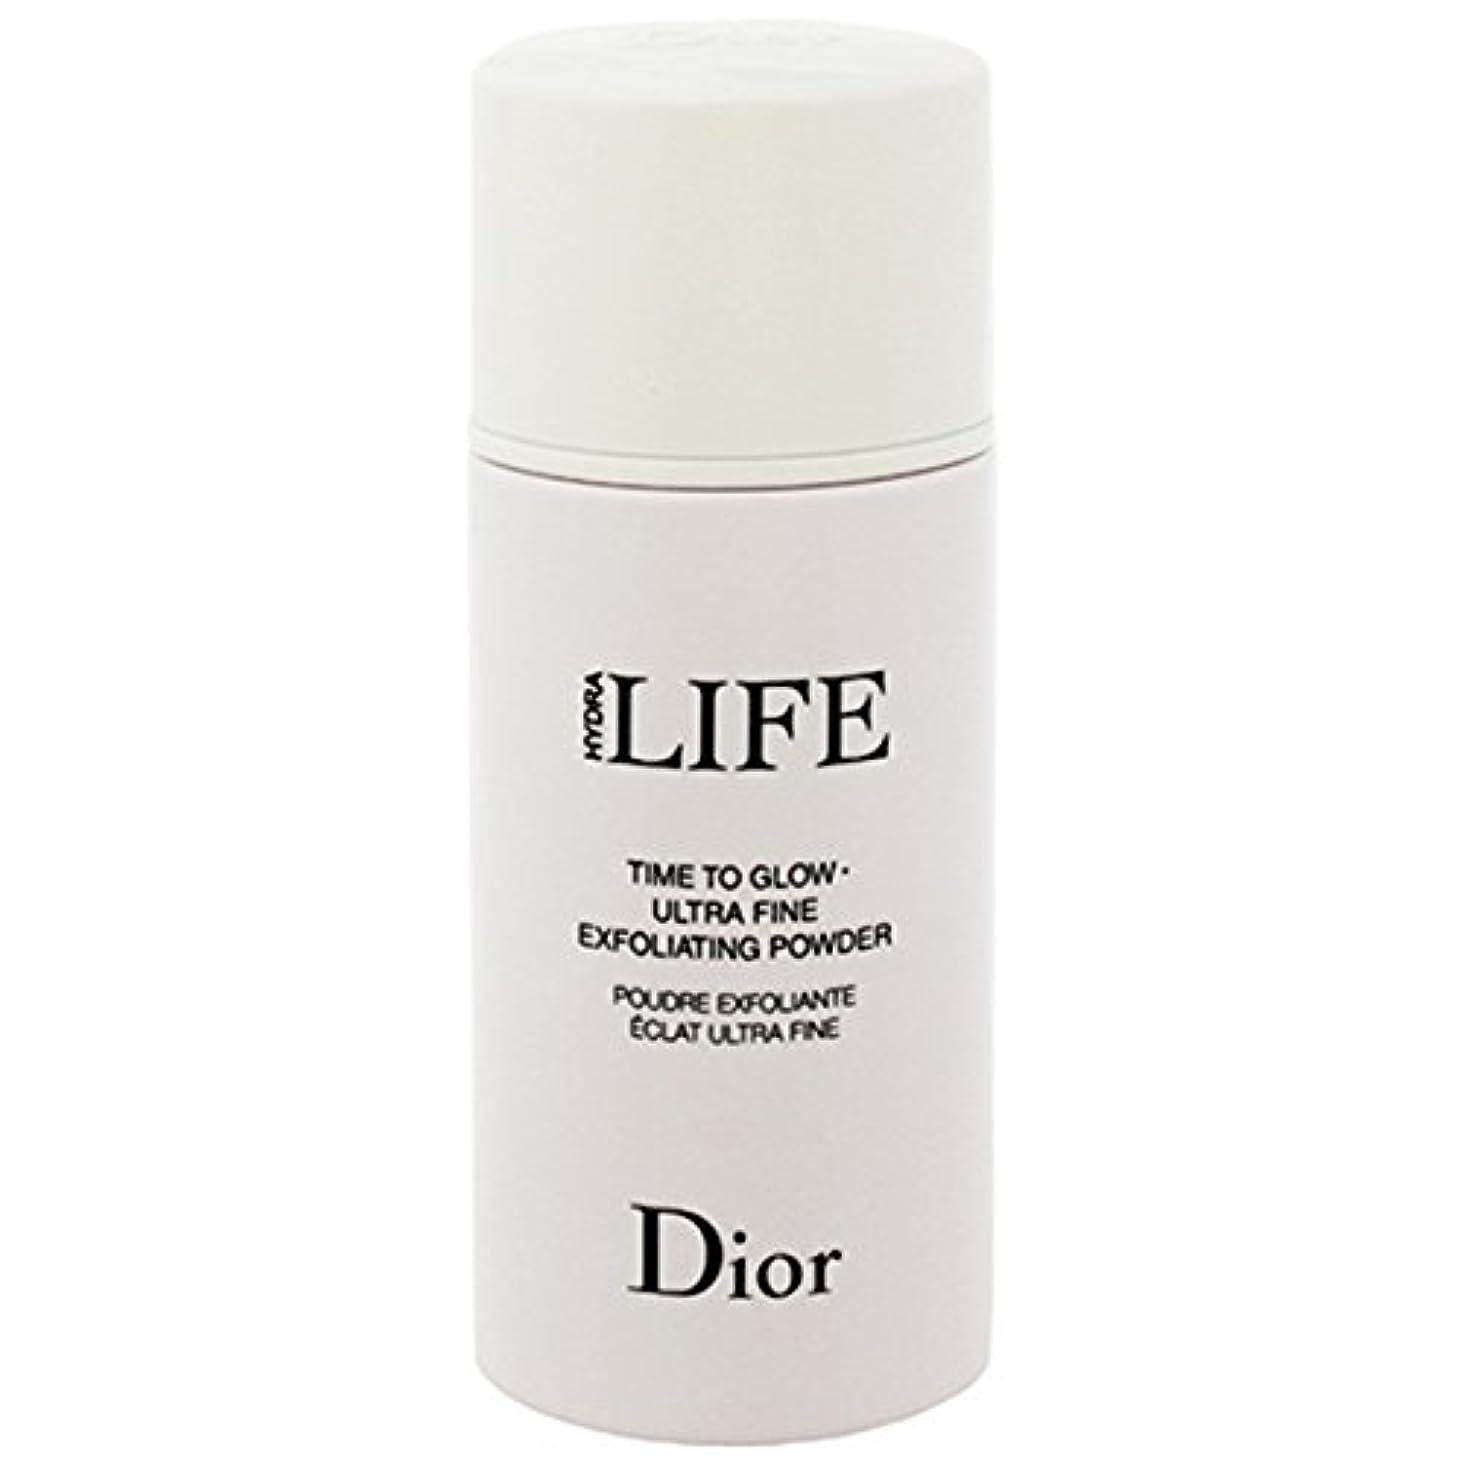 道徳の汚染コンペクリスチャンディオール Christian Dior ライフ ポリッシュ パウダー 40g 【並行輸入品】